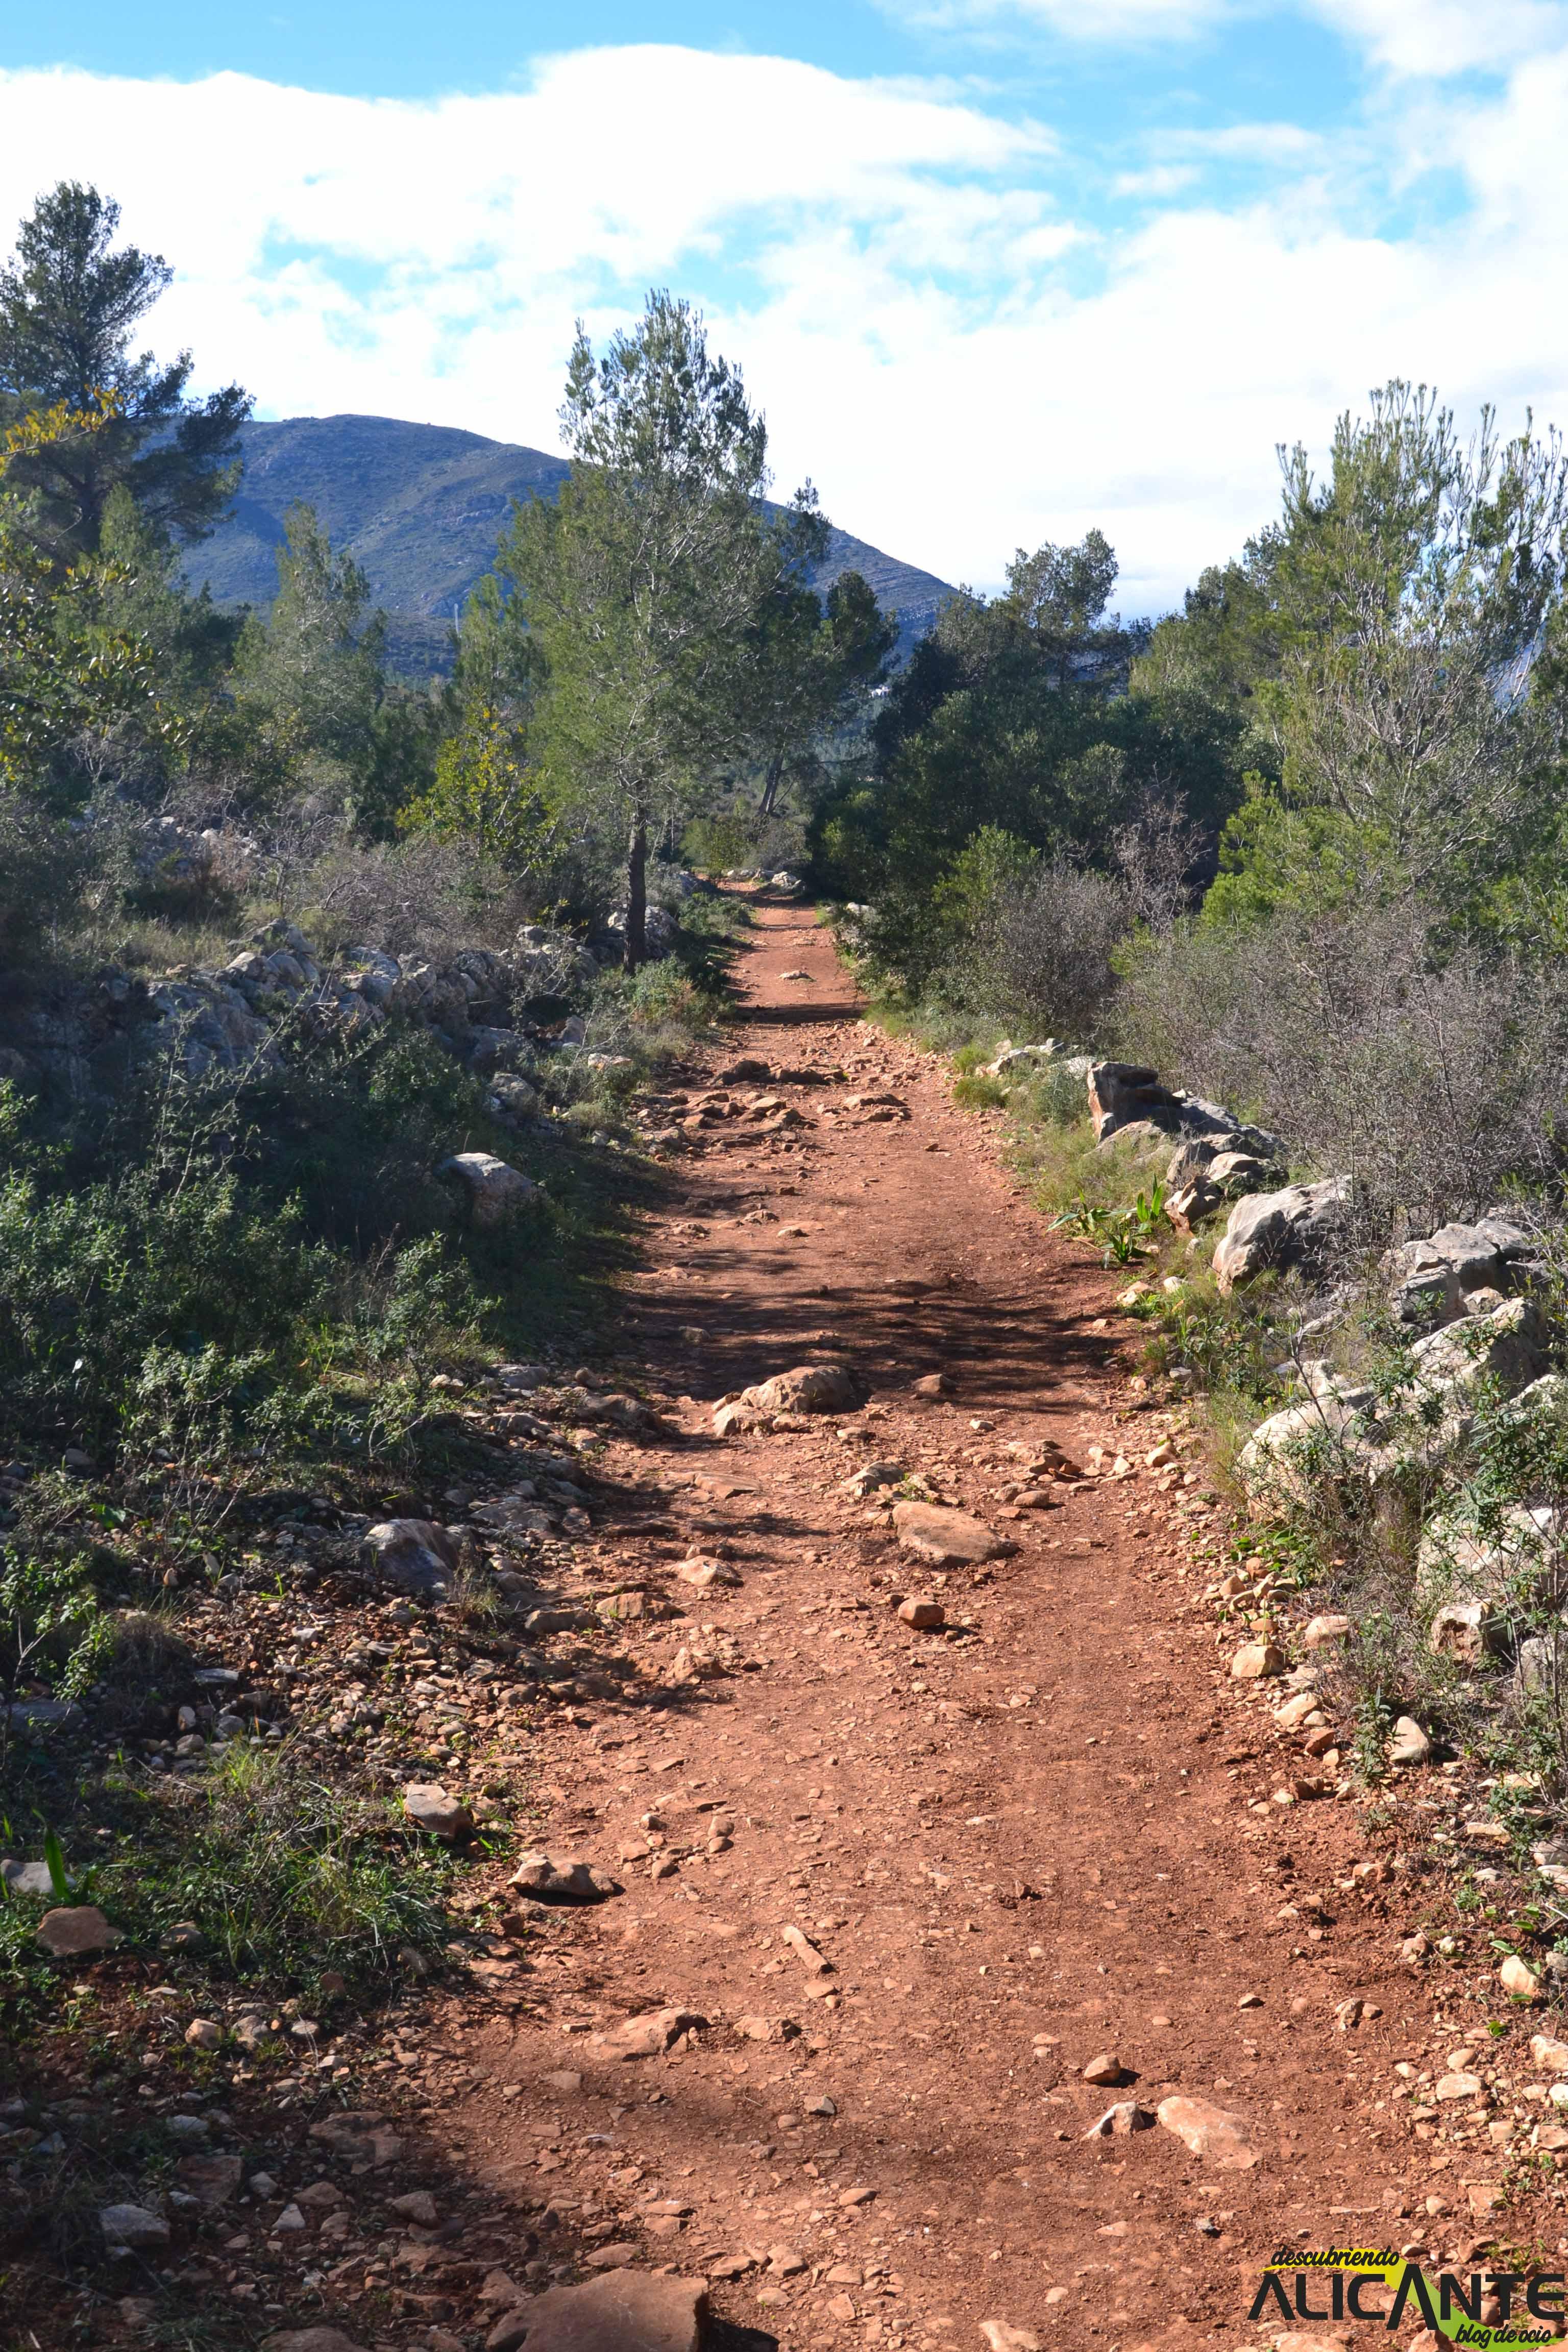 4-ruta-senderismo-alcalali-alicante